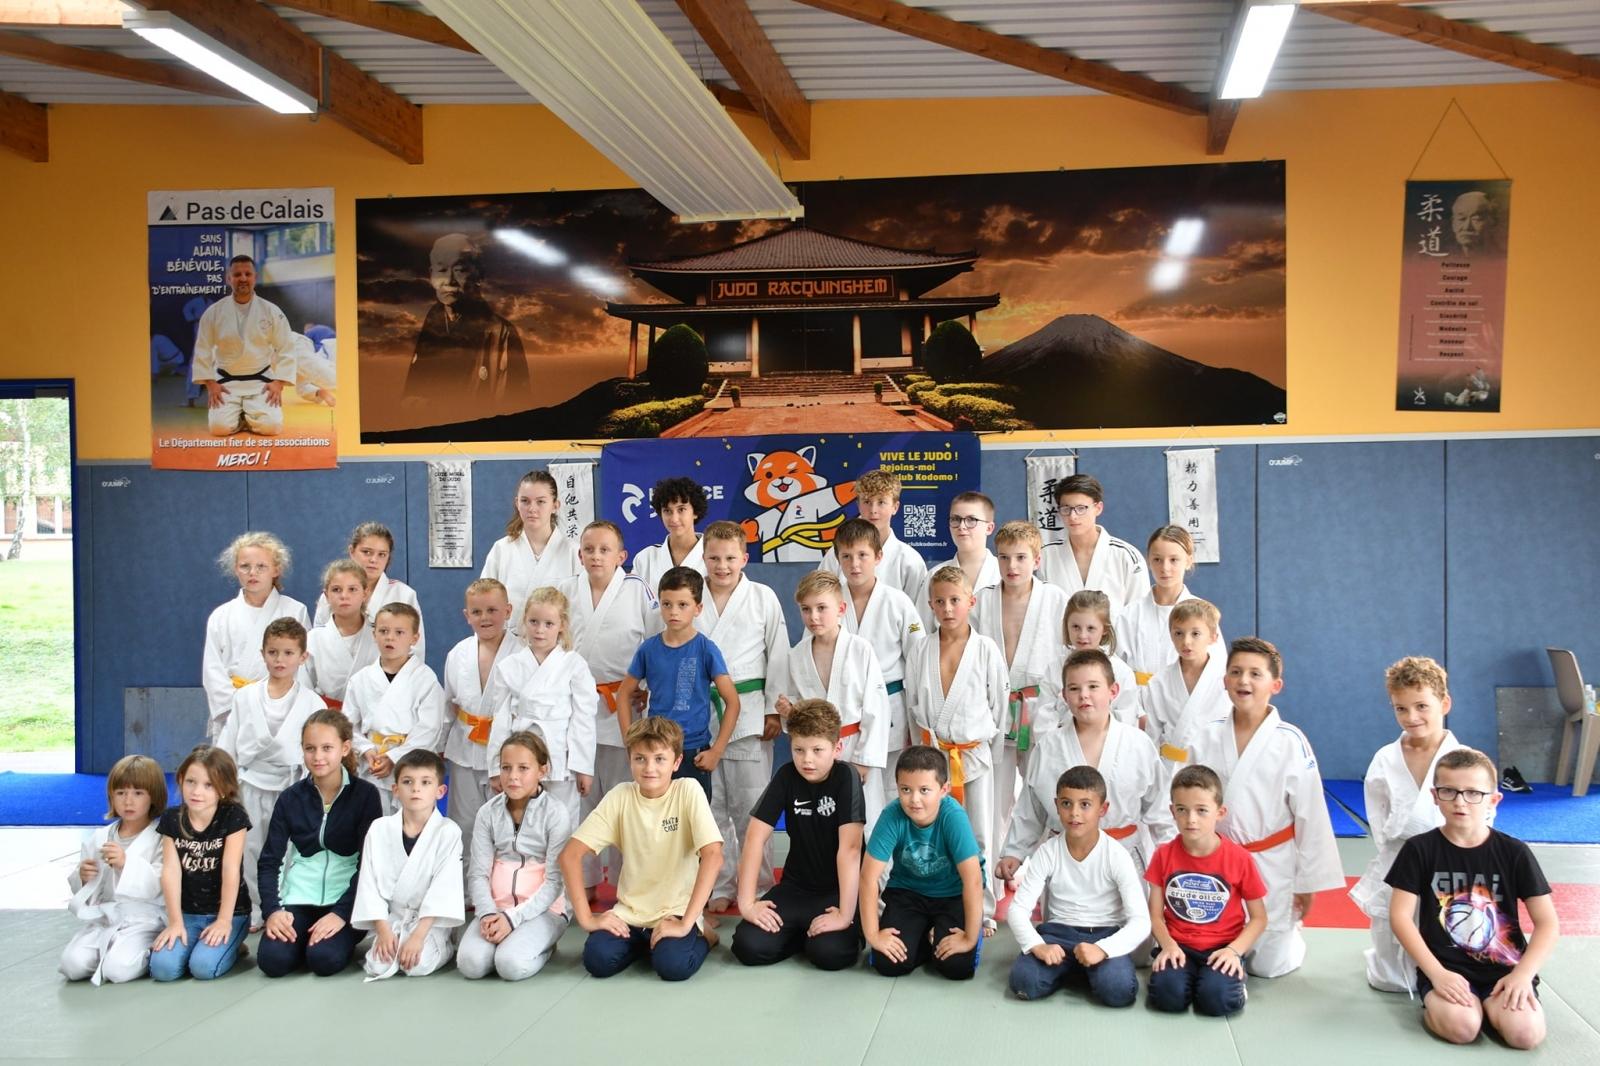 Faites du Sport édition 2021 au Judo Racquinghem